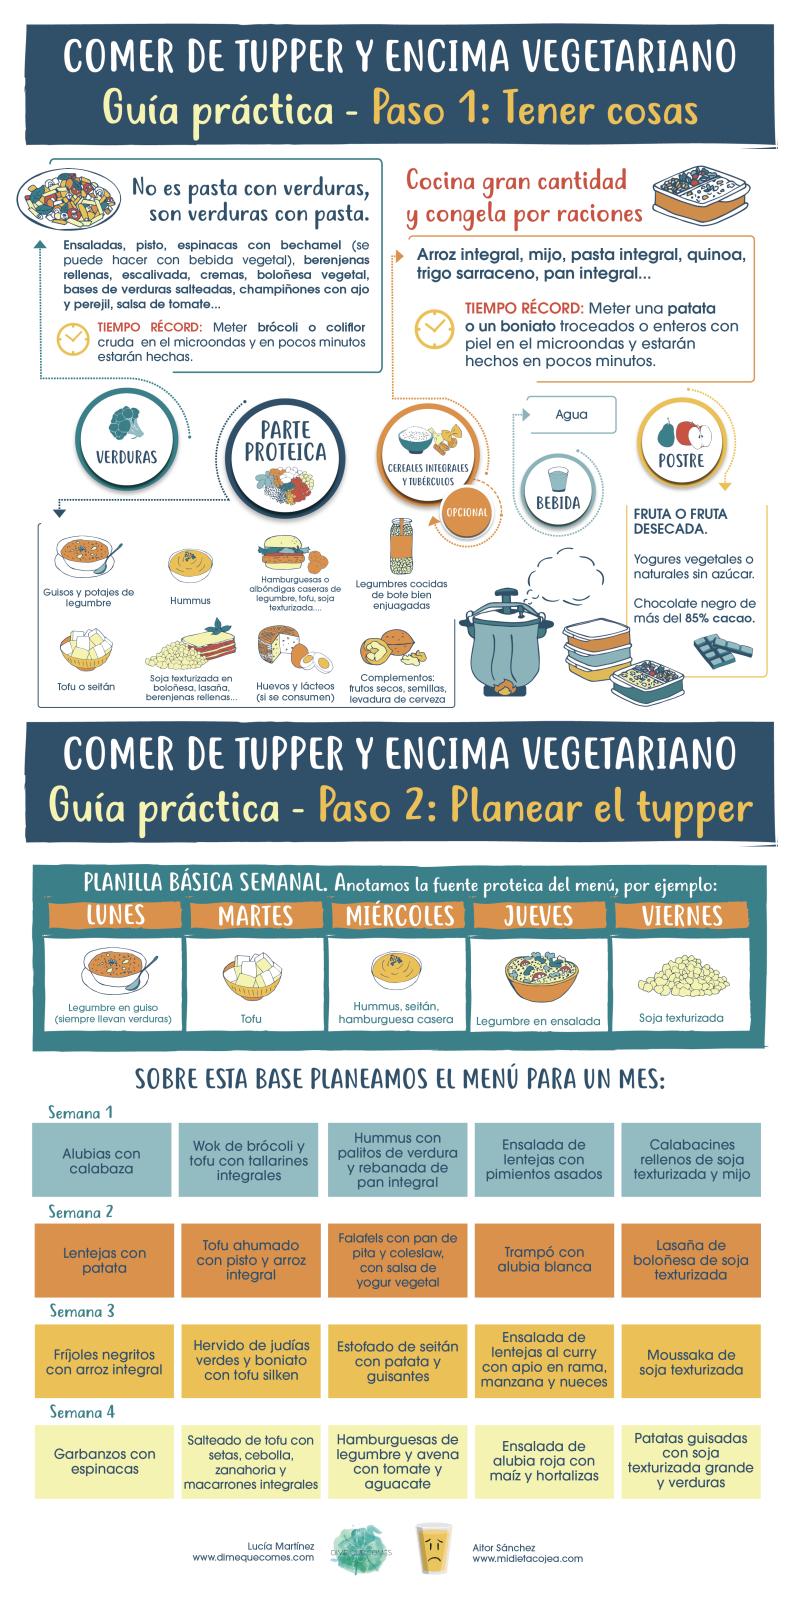 Comer-de-tupper-encima-vegetariano